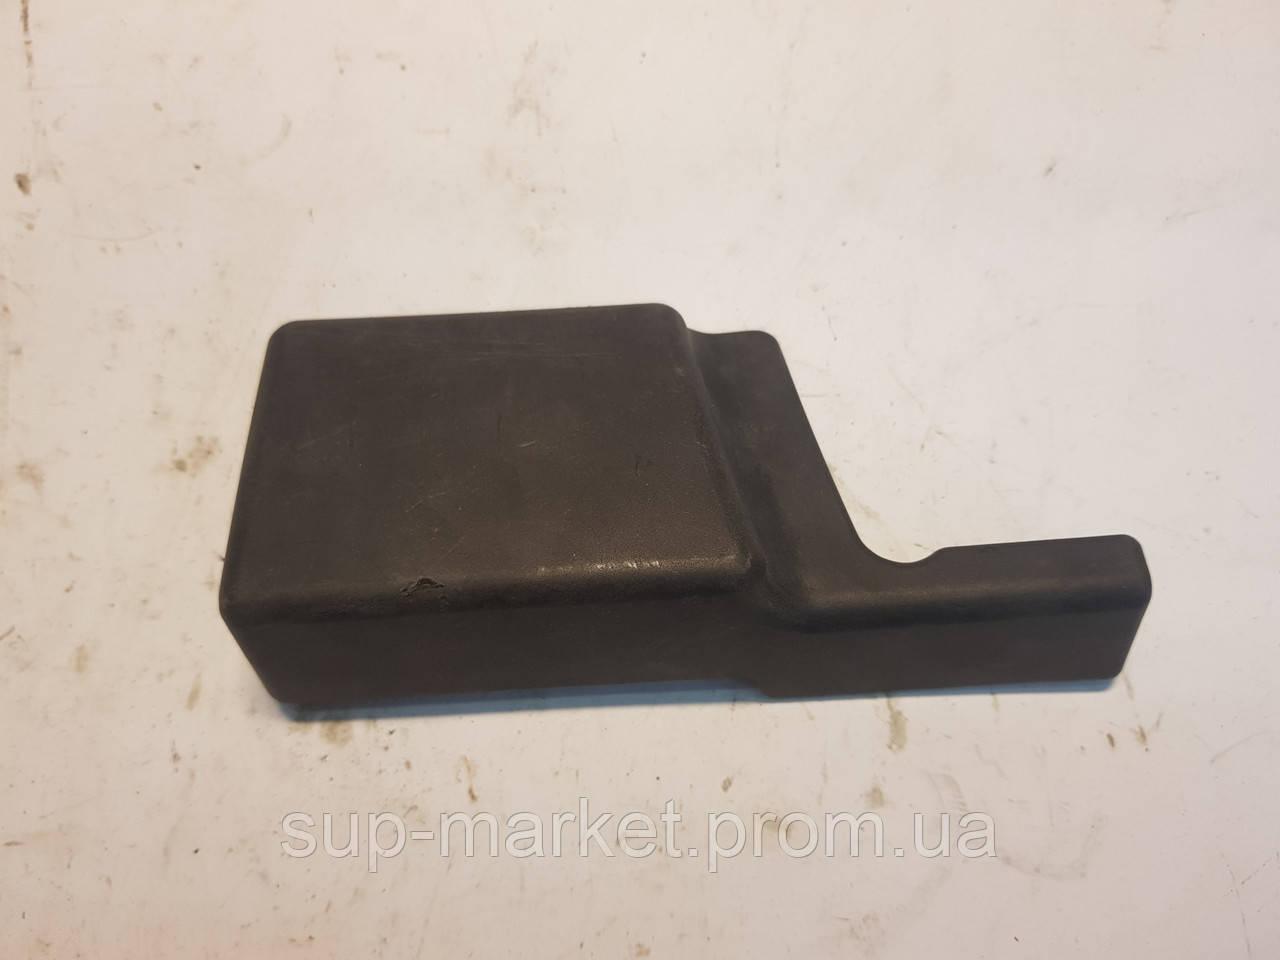 8L0881349B Заглушка защита сидения левая для VAG A6 C5 2.5TDI 1997-2004